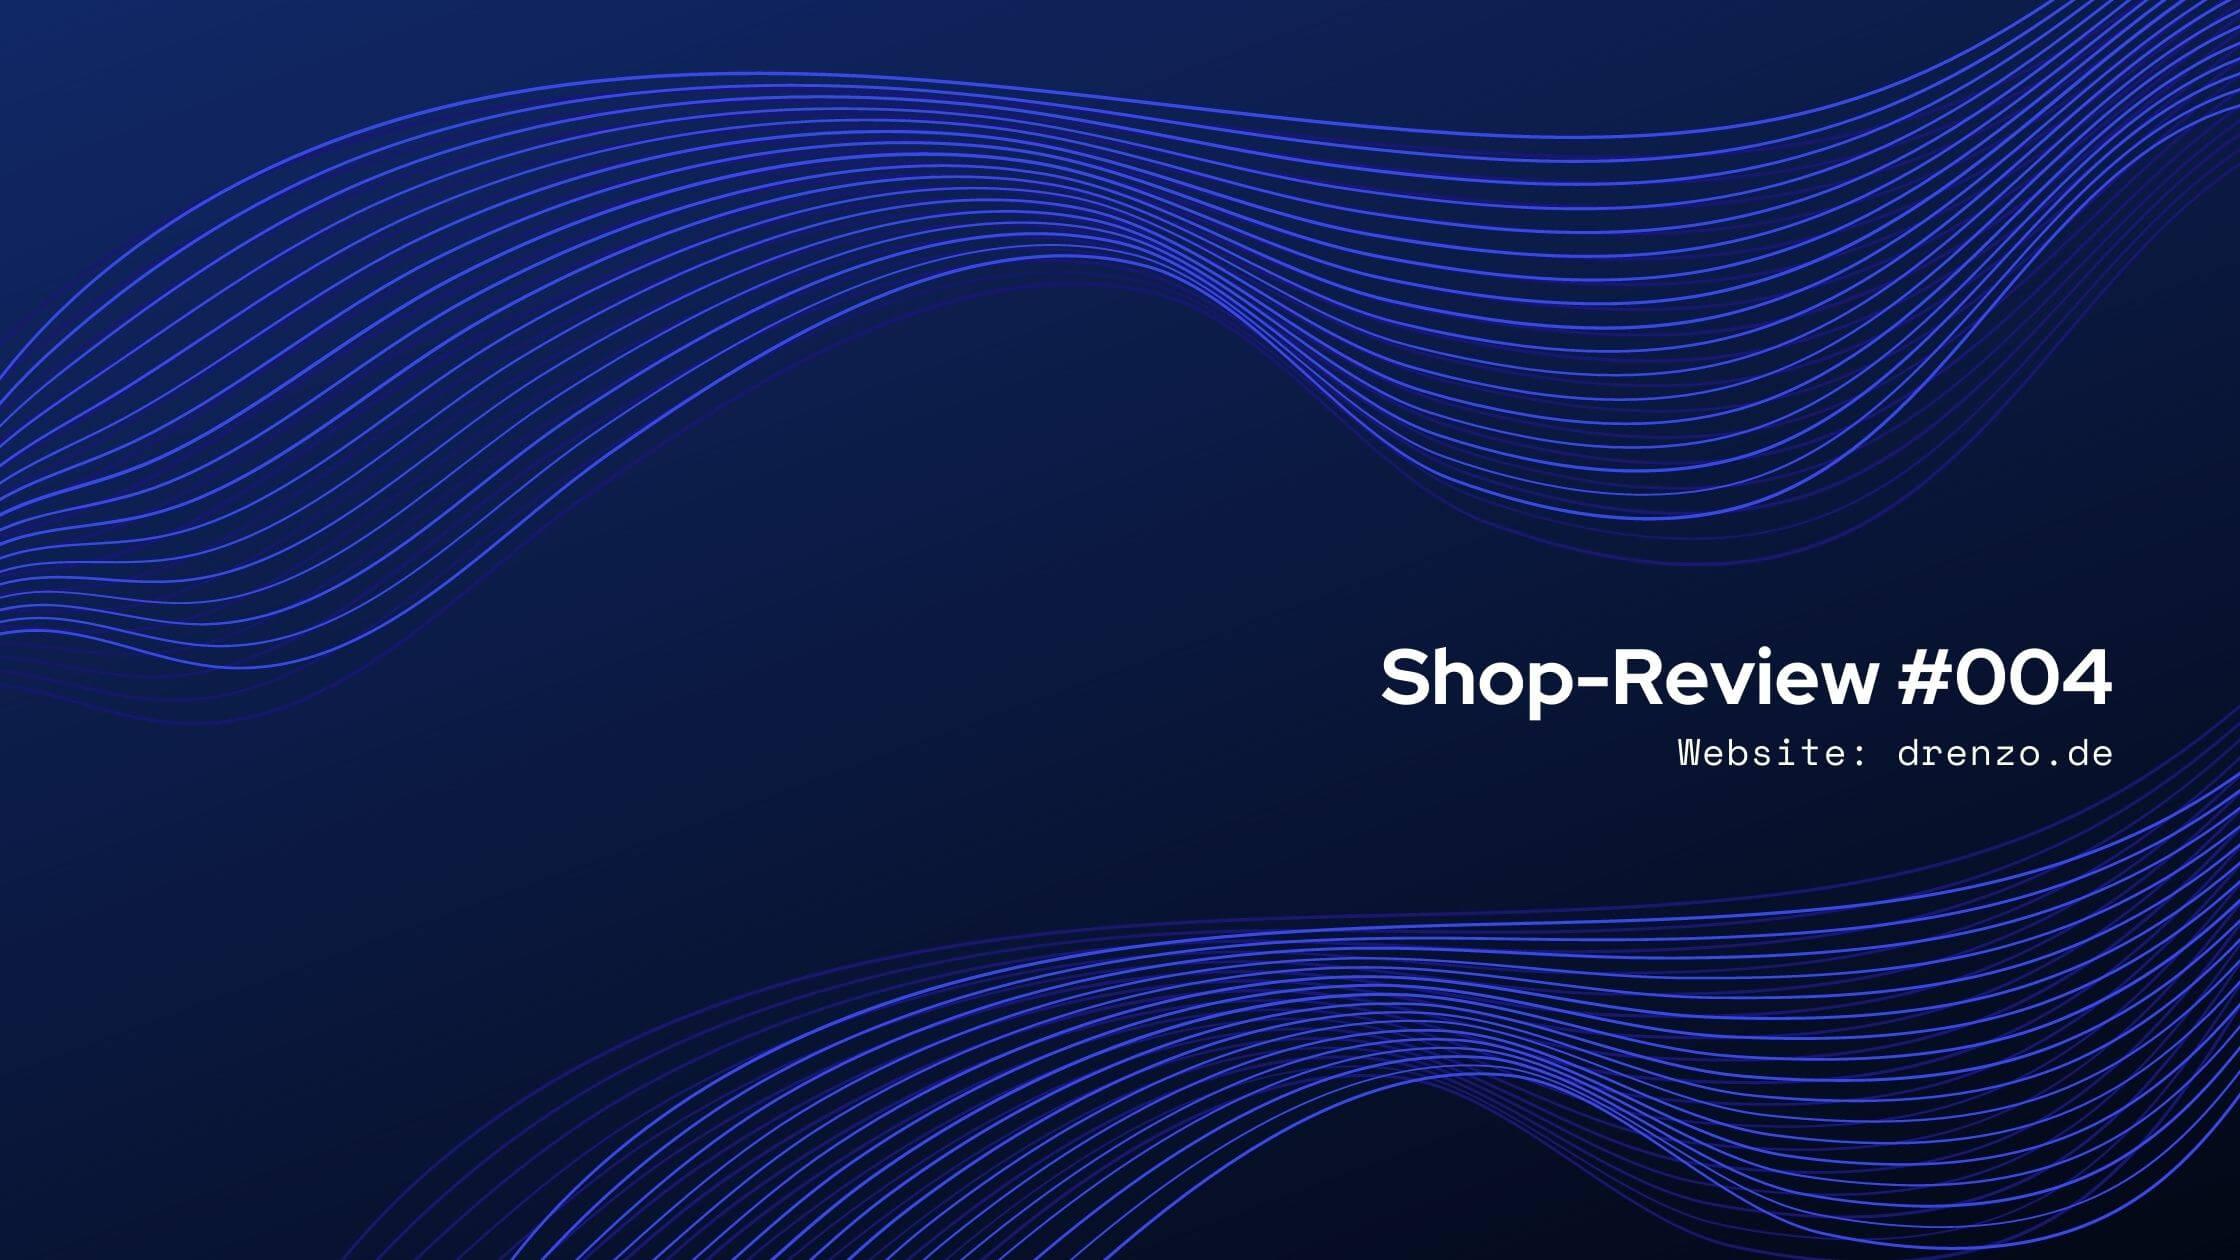 Shop-Review: DrEnzo.de